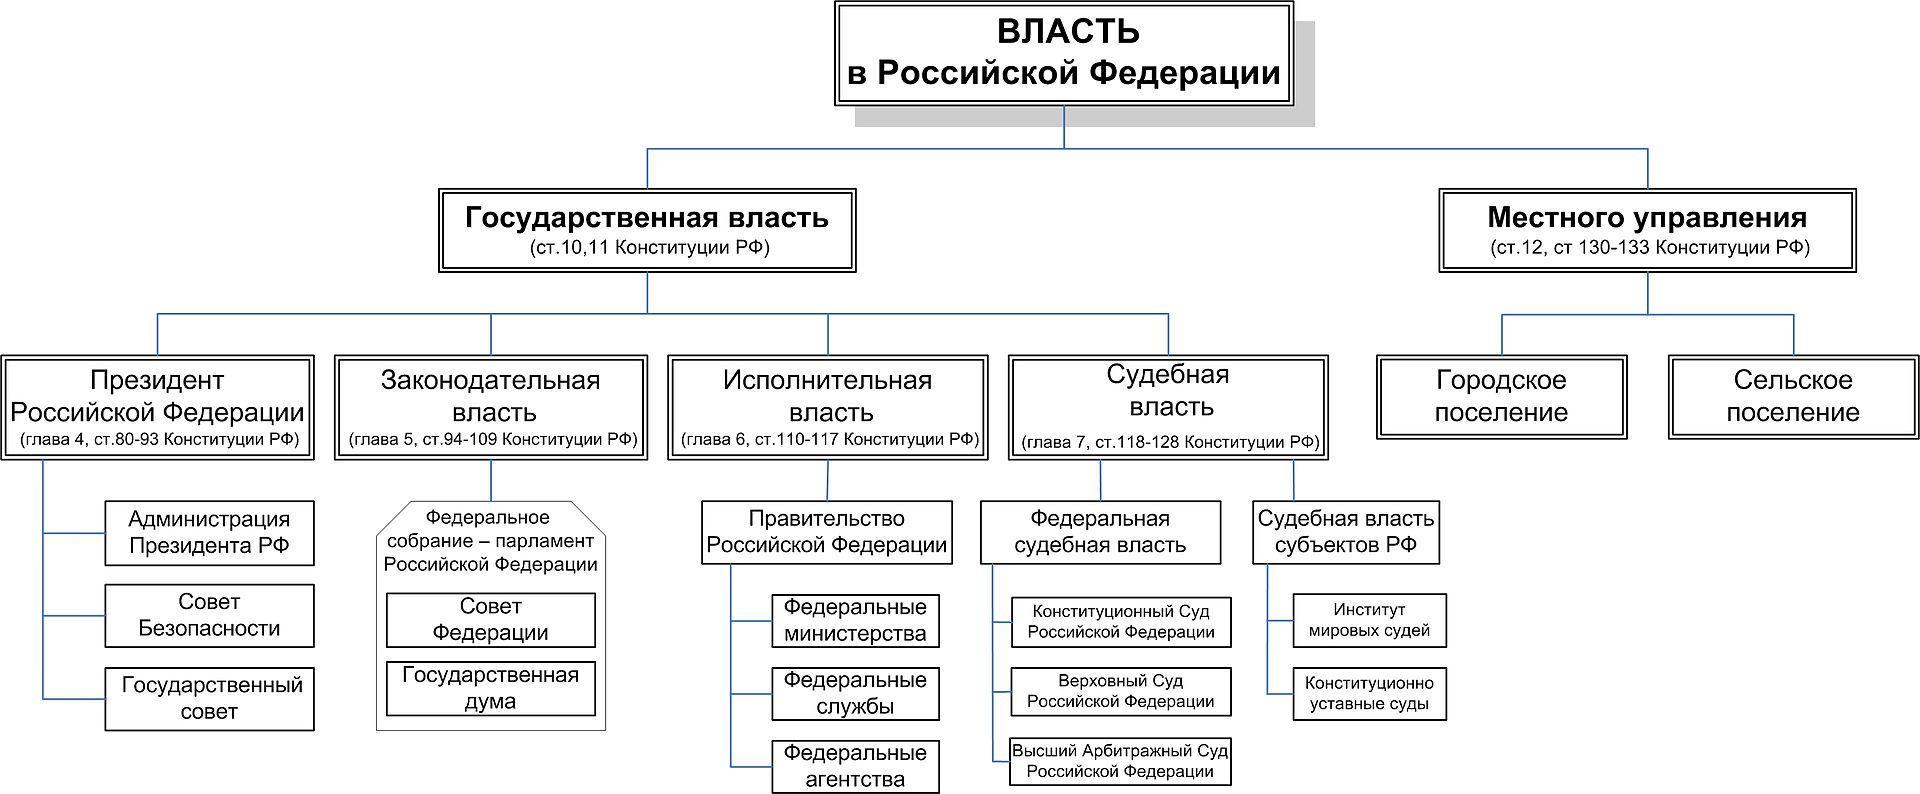 Федеральные органы исполнительной власти конституционно-правовой статус